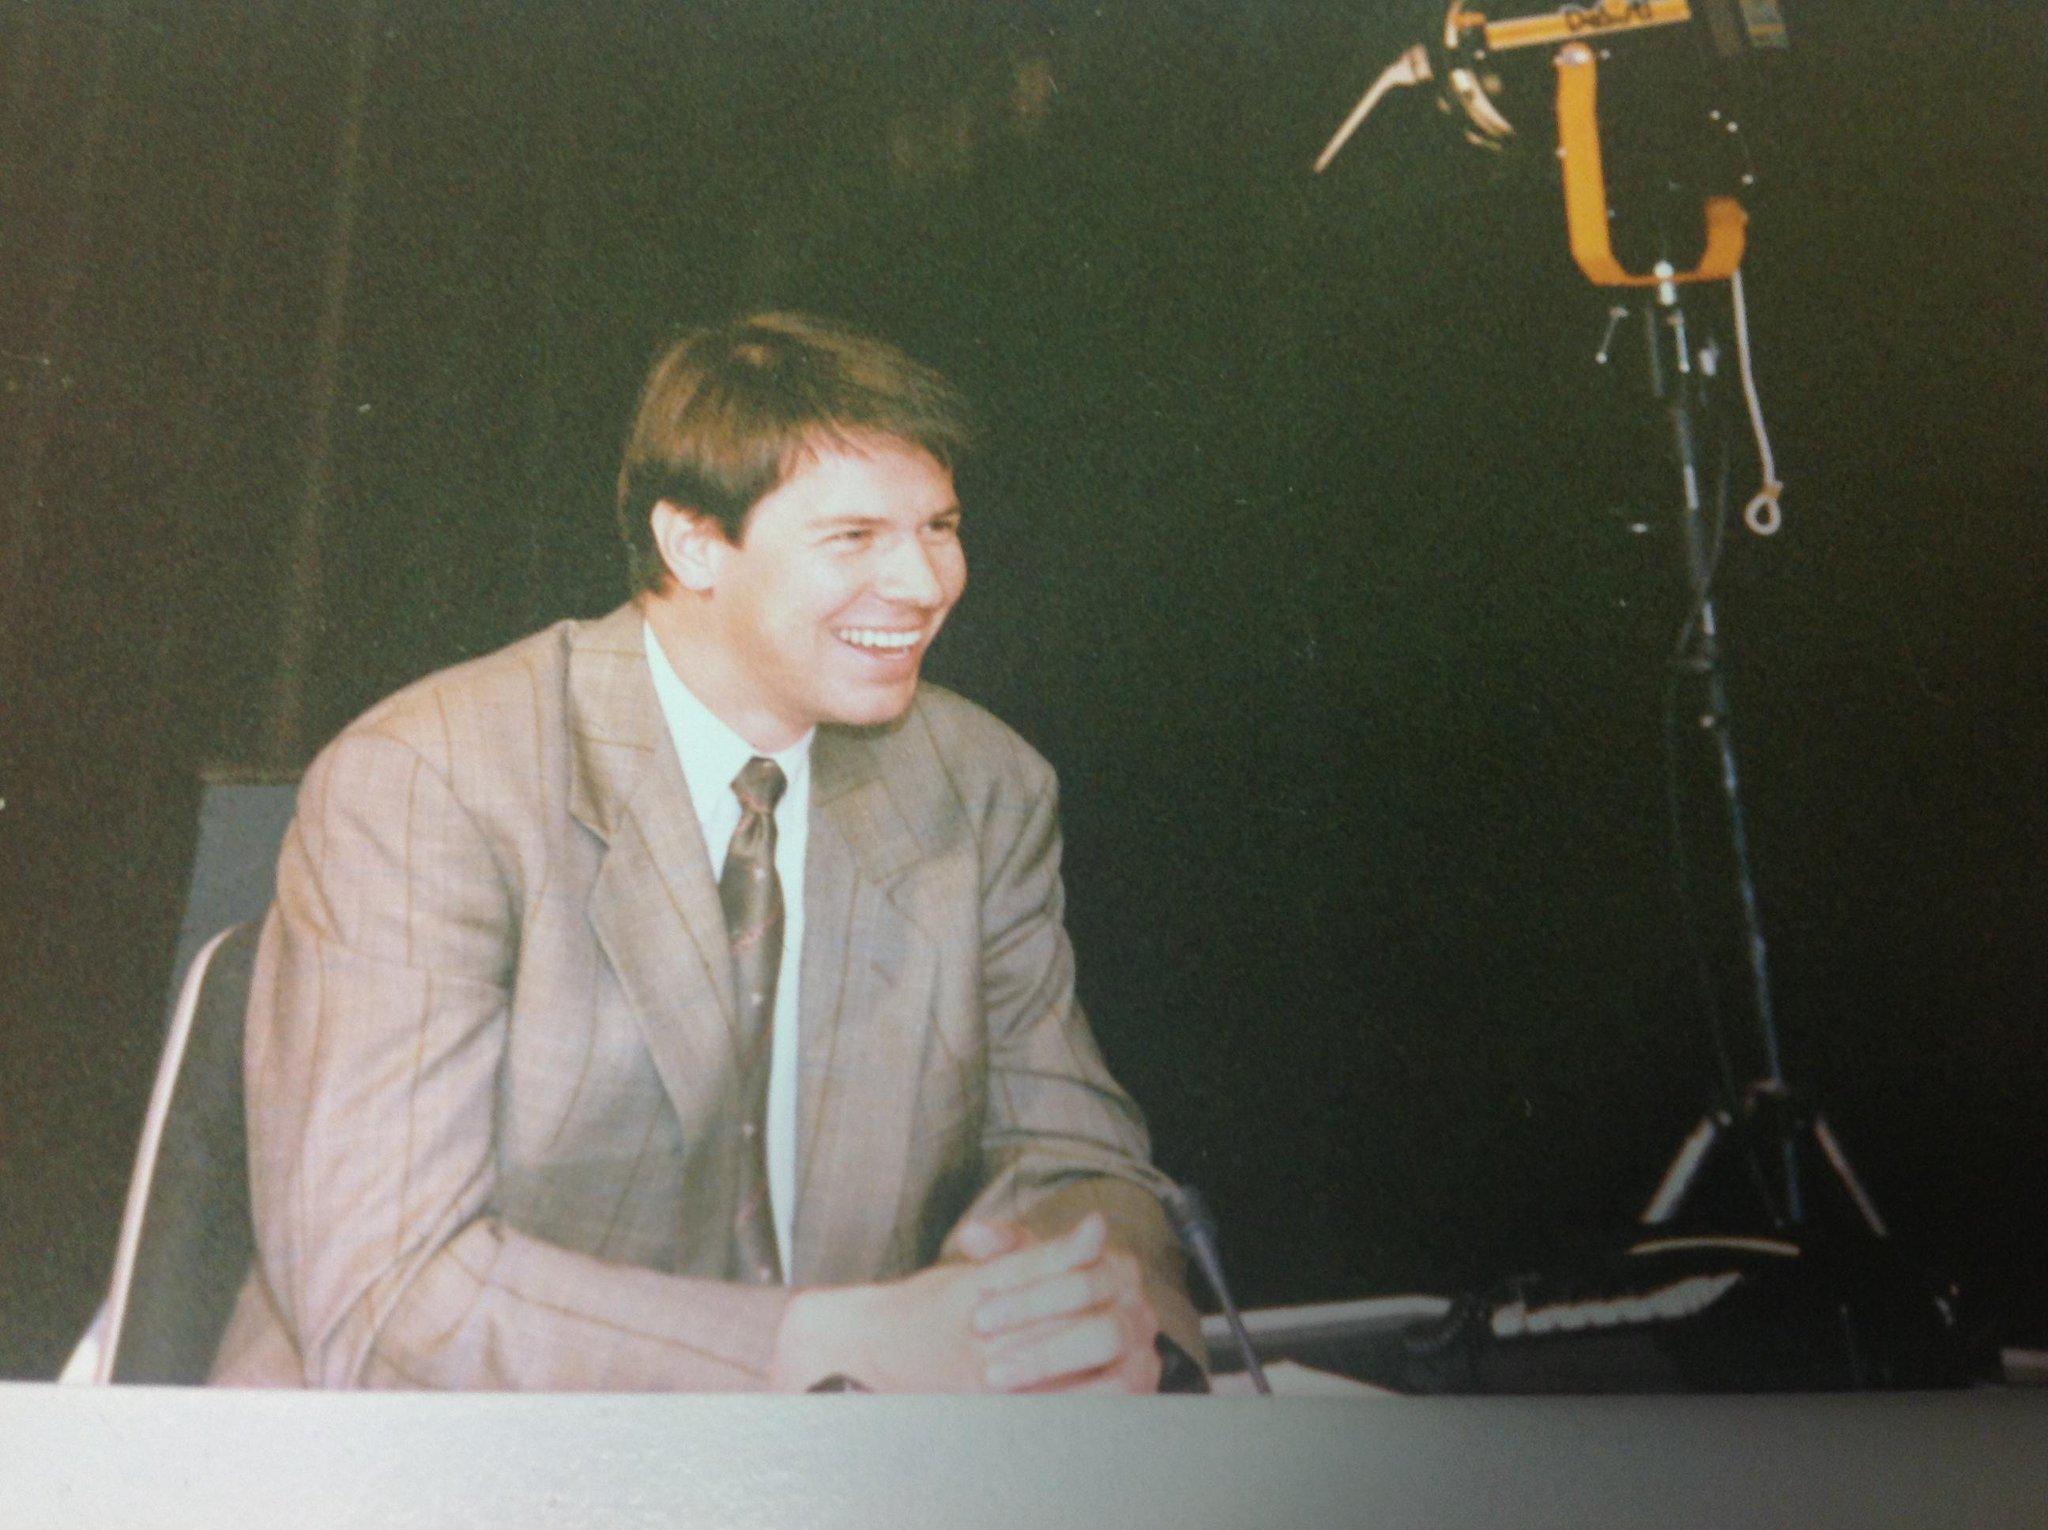 Kleines Jubiläum: vor 30 Jahren, am 1.5.85, hatte ich meinen ersten Arbeitstag als Reporter bei RTL. Jetzt: KUCHEN!!!pic.twitter.com/PRJeWLh7Gm